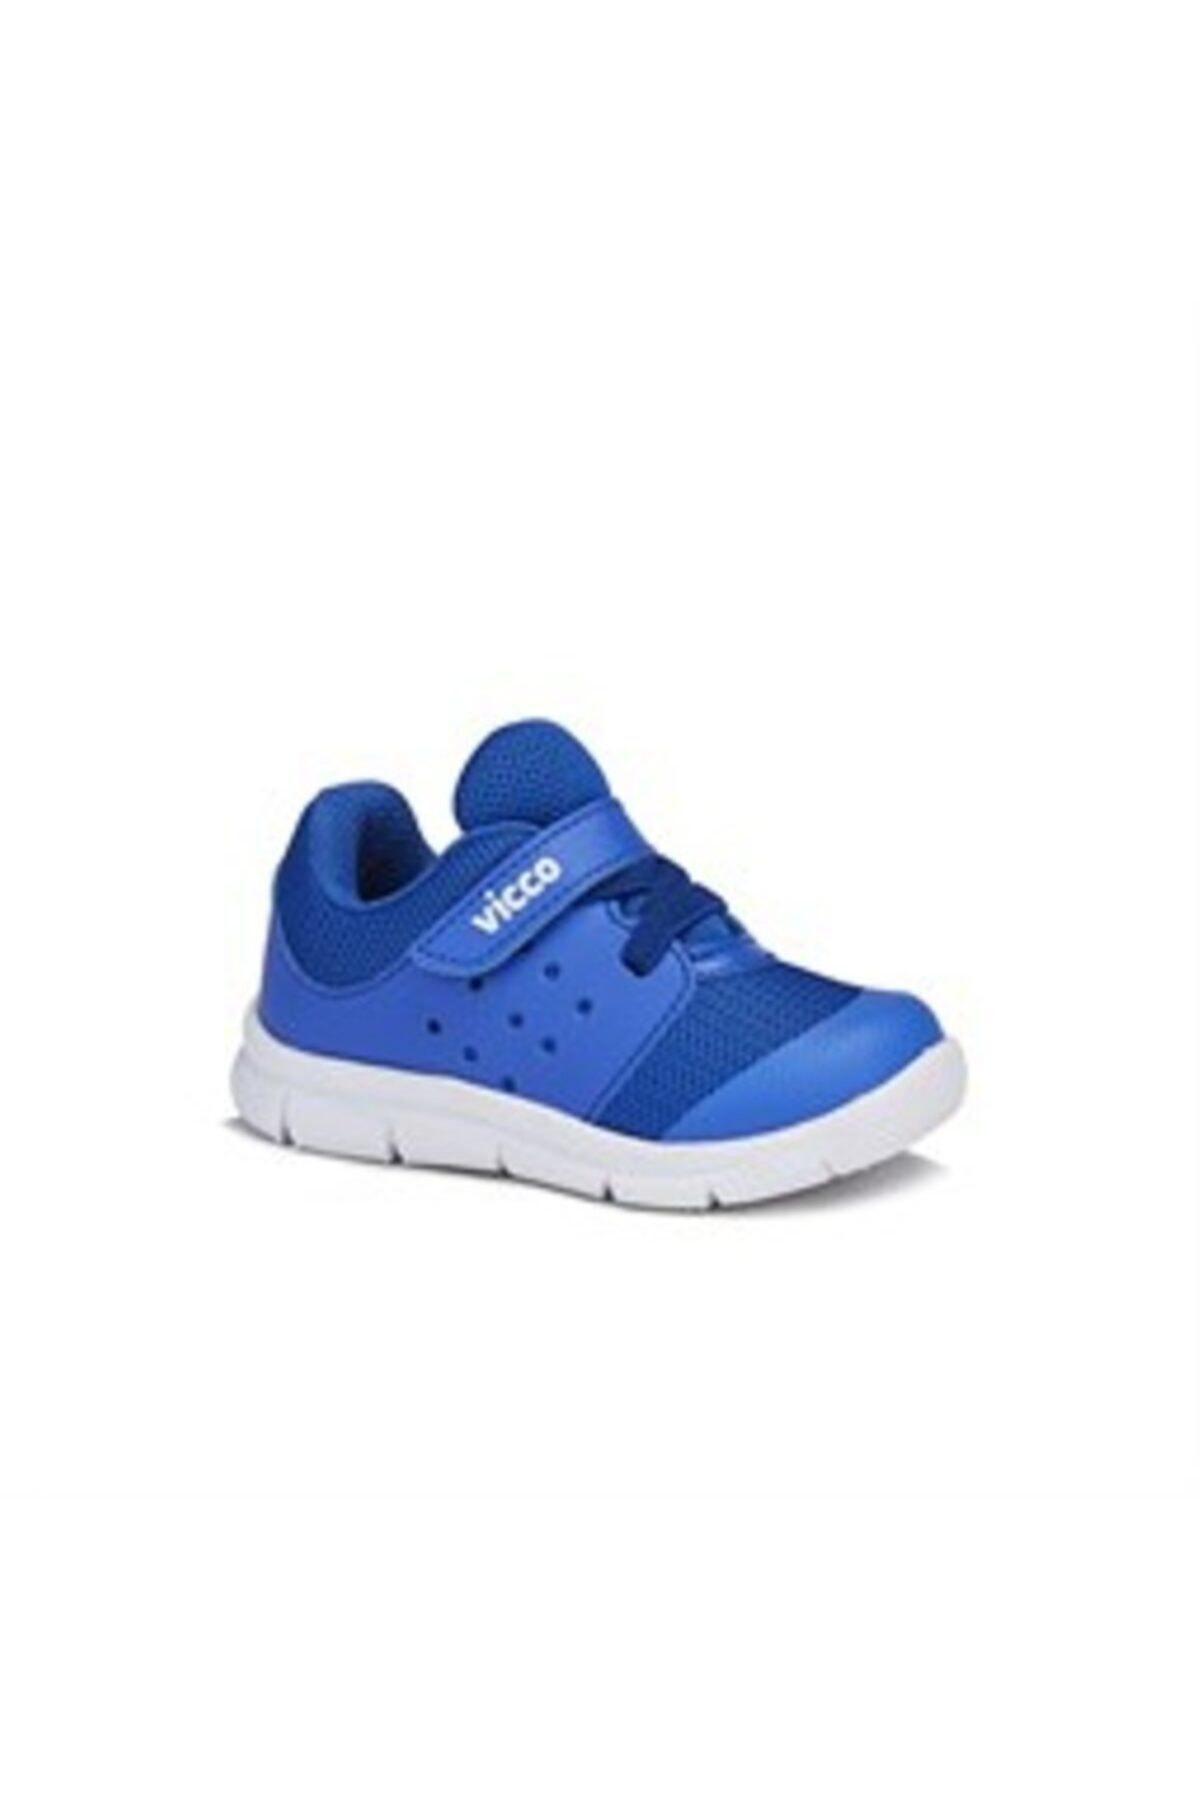 Vicco 346,e20y.200 Mario Sax Mavi Ilk Adım Günlük Spor Ayakkabı 1